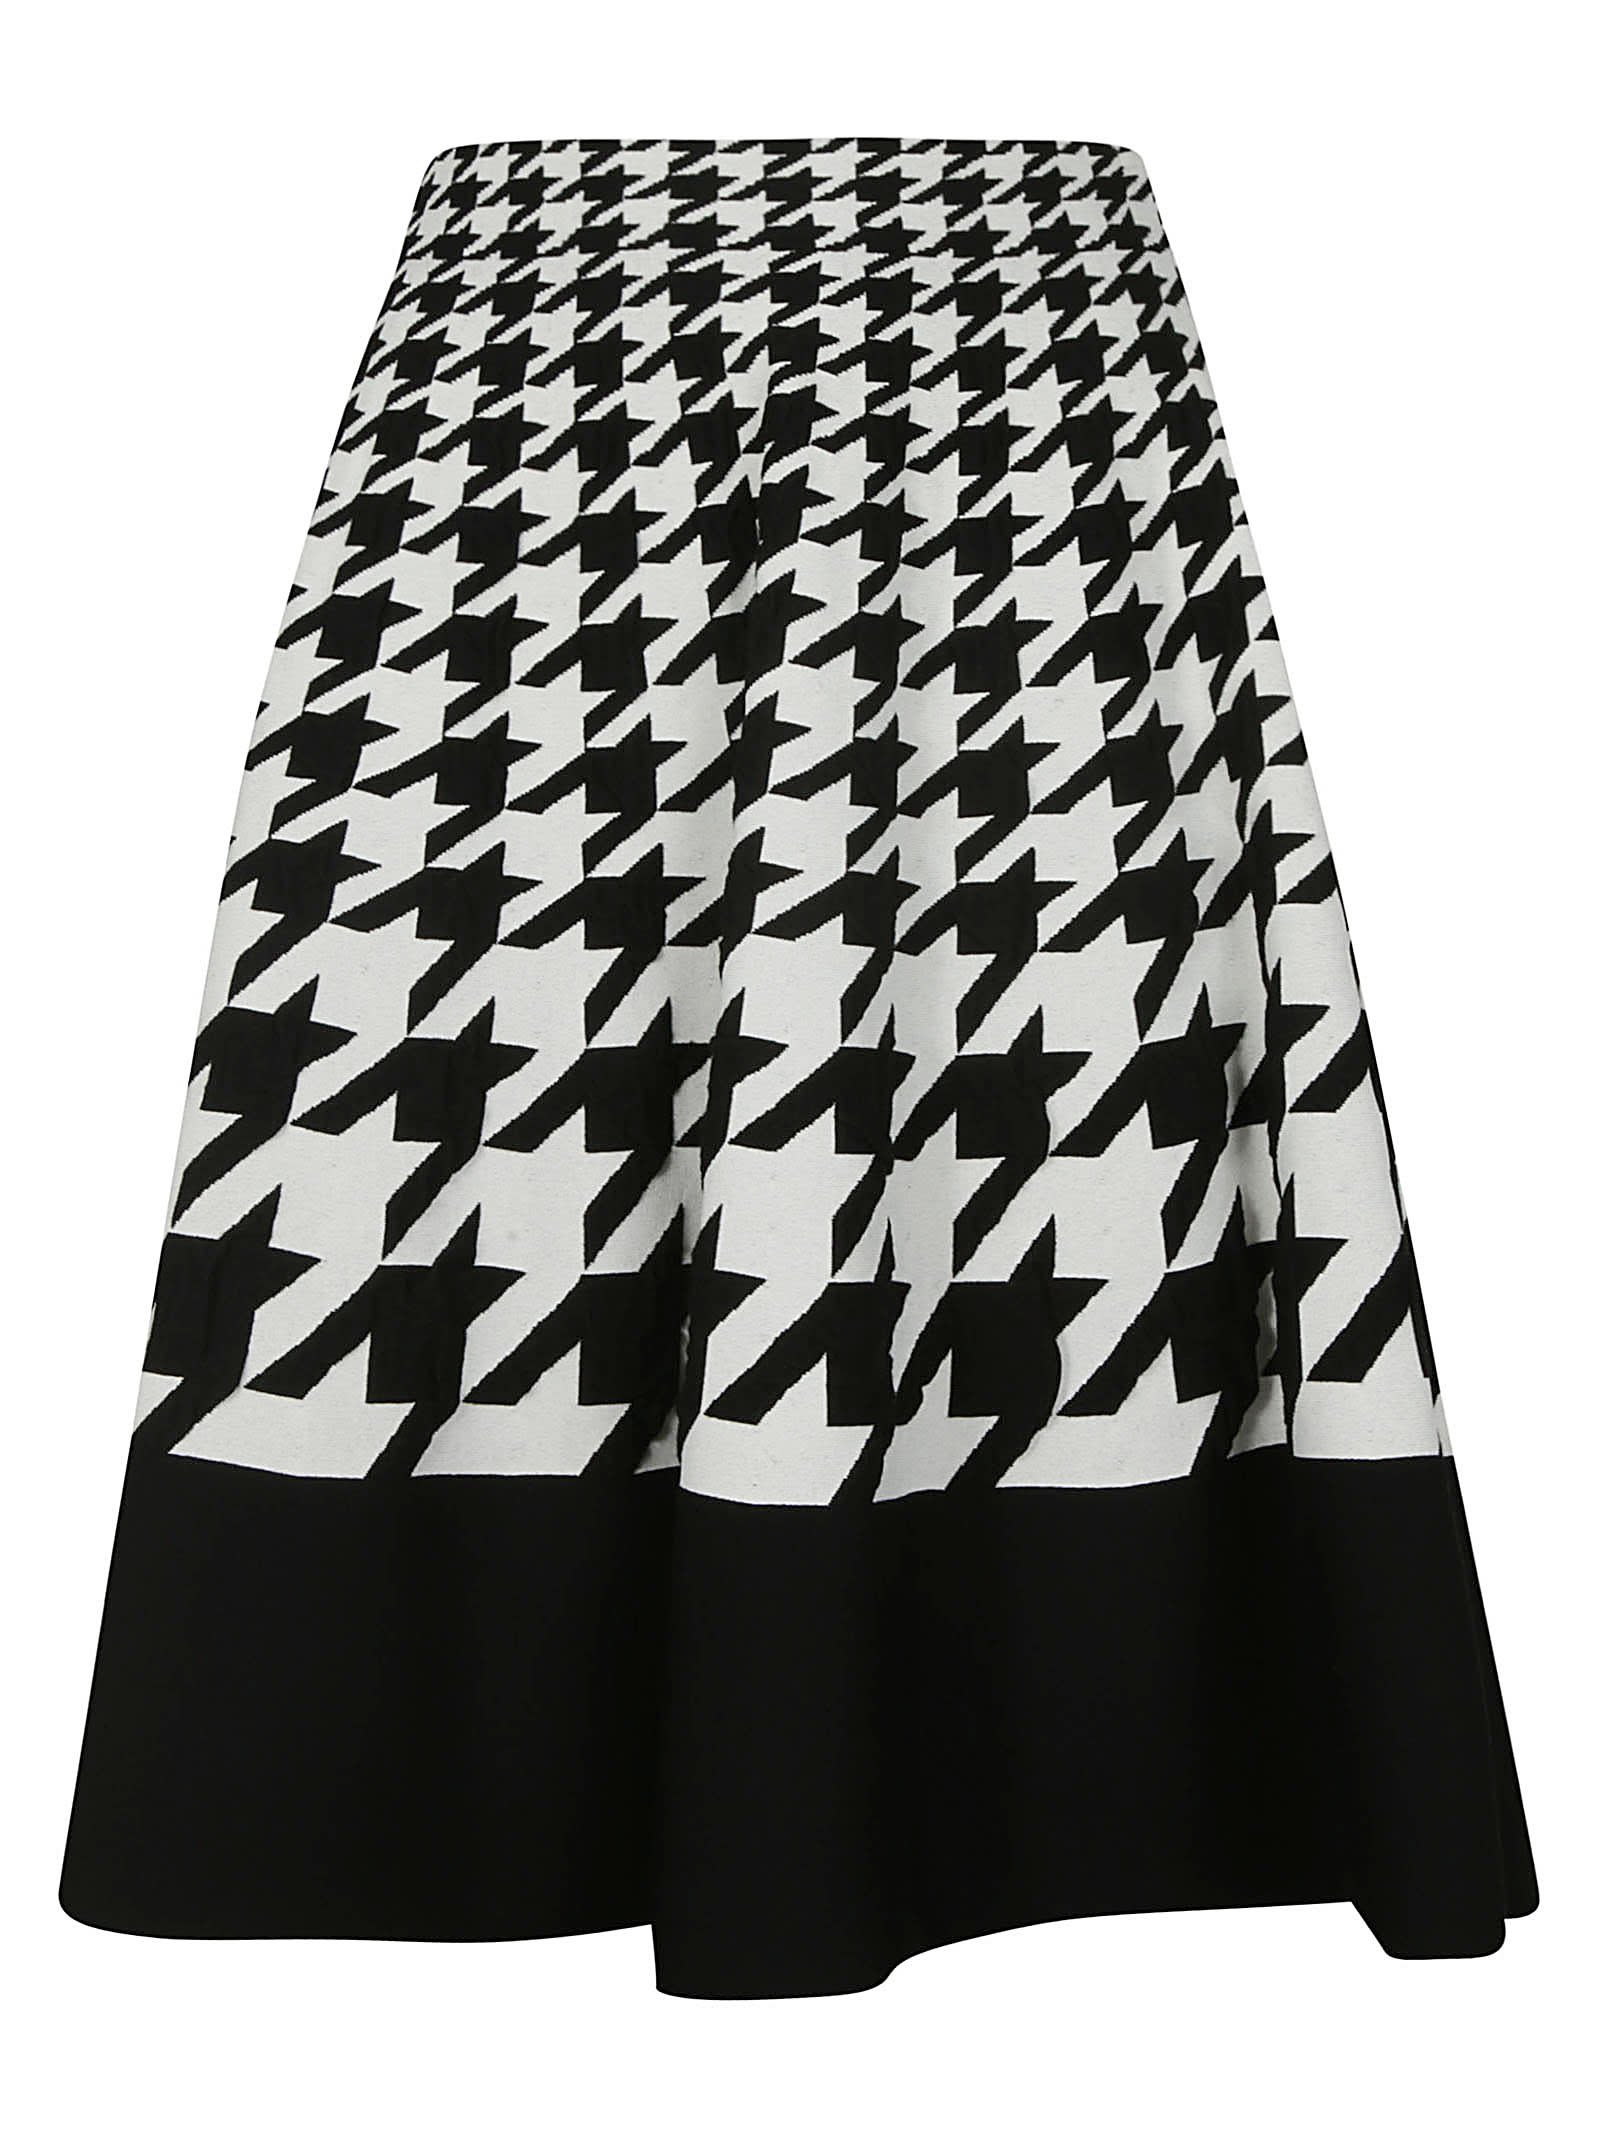 Alexander McQueen Printed Skirt